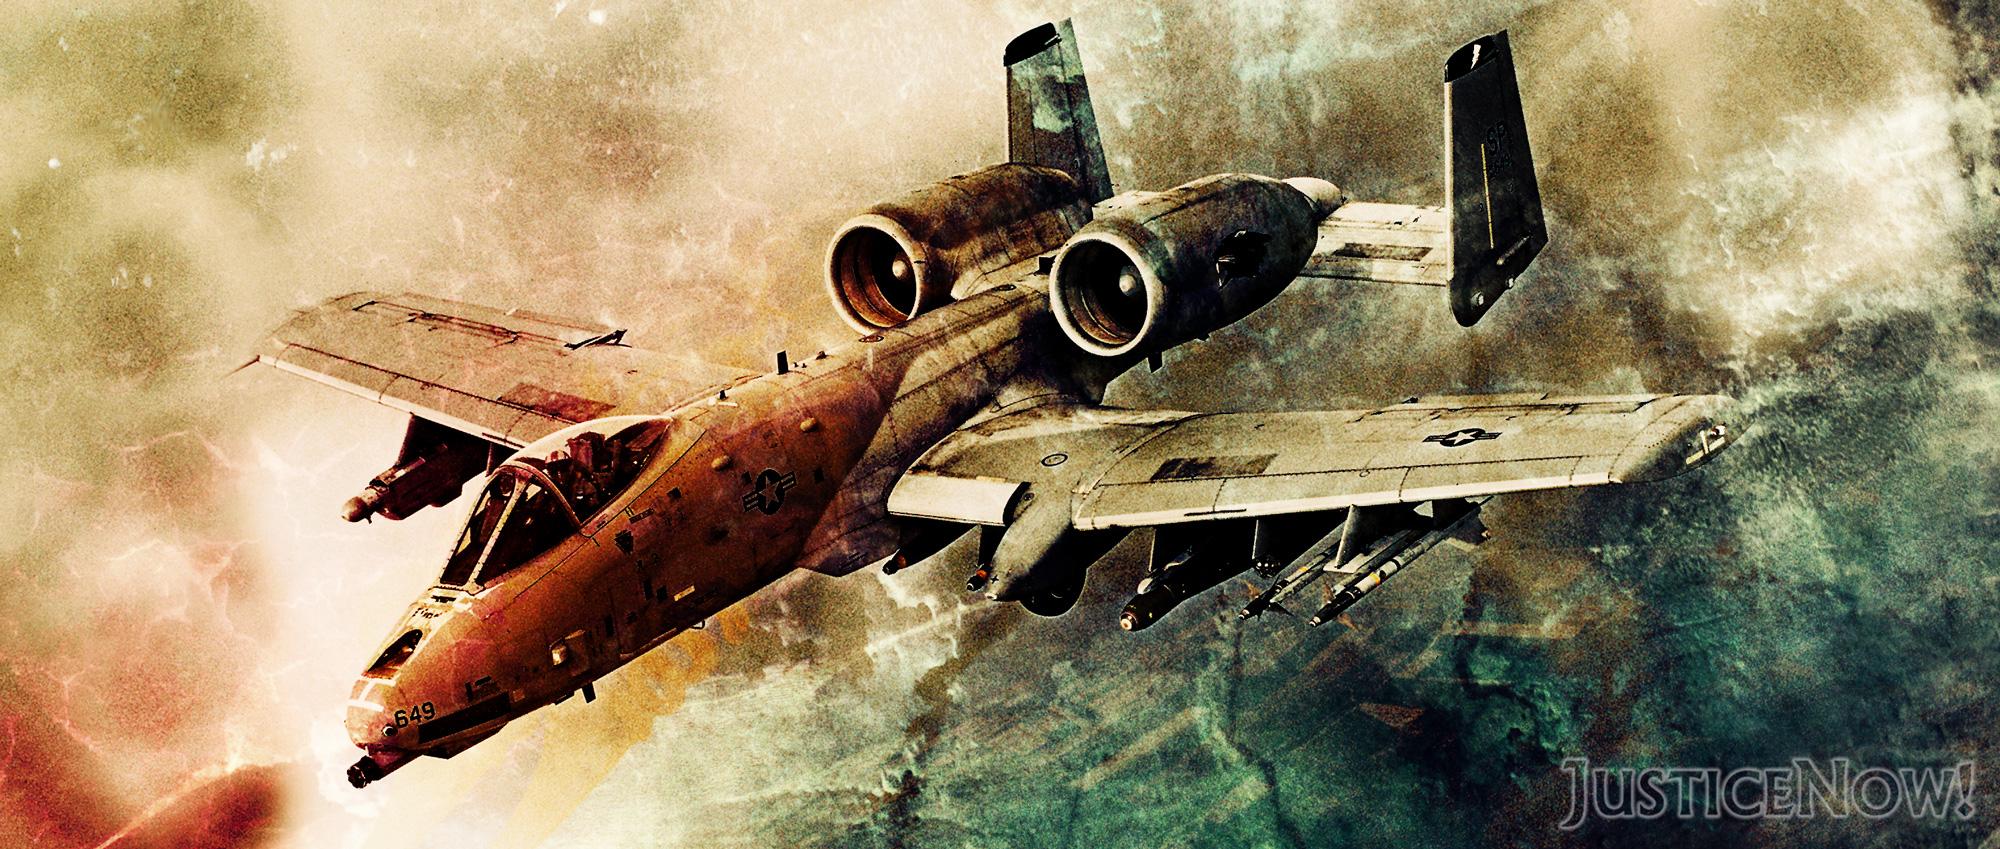 Uranmunition – Schleichender Genozid im Schatten humanitärer Kriege <br>  <span id='sec-title'>Die verheimlichten Kriegsverbrechen von USA und NATO</span>